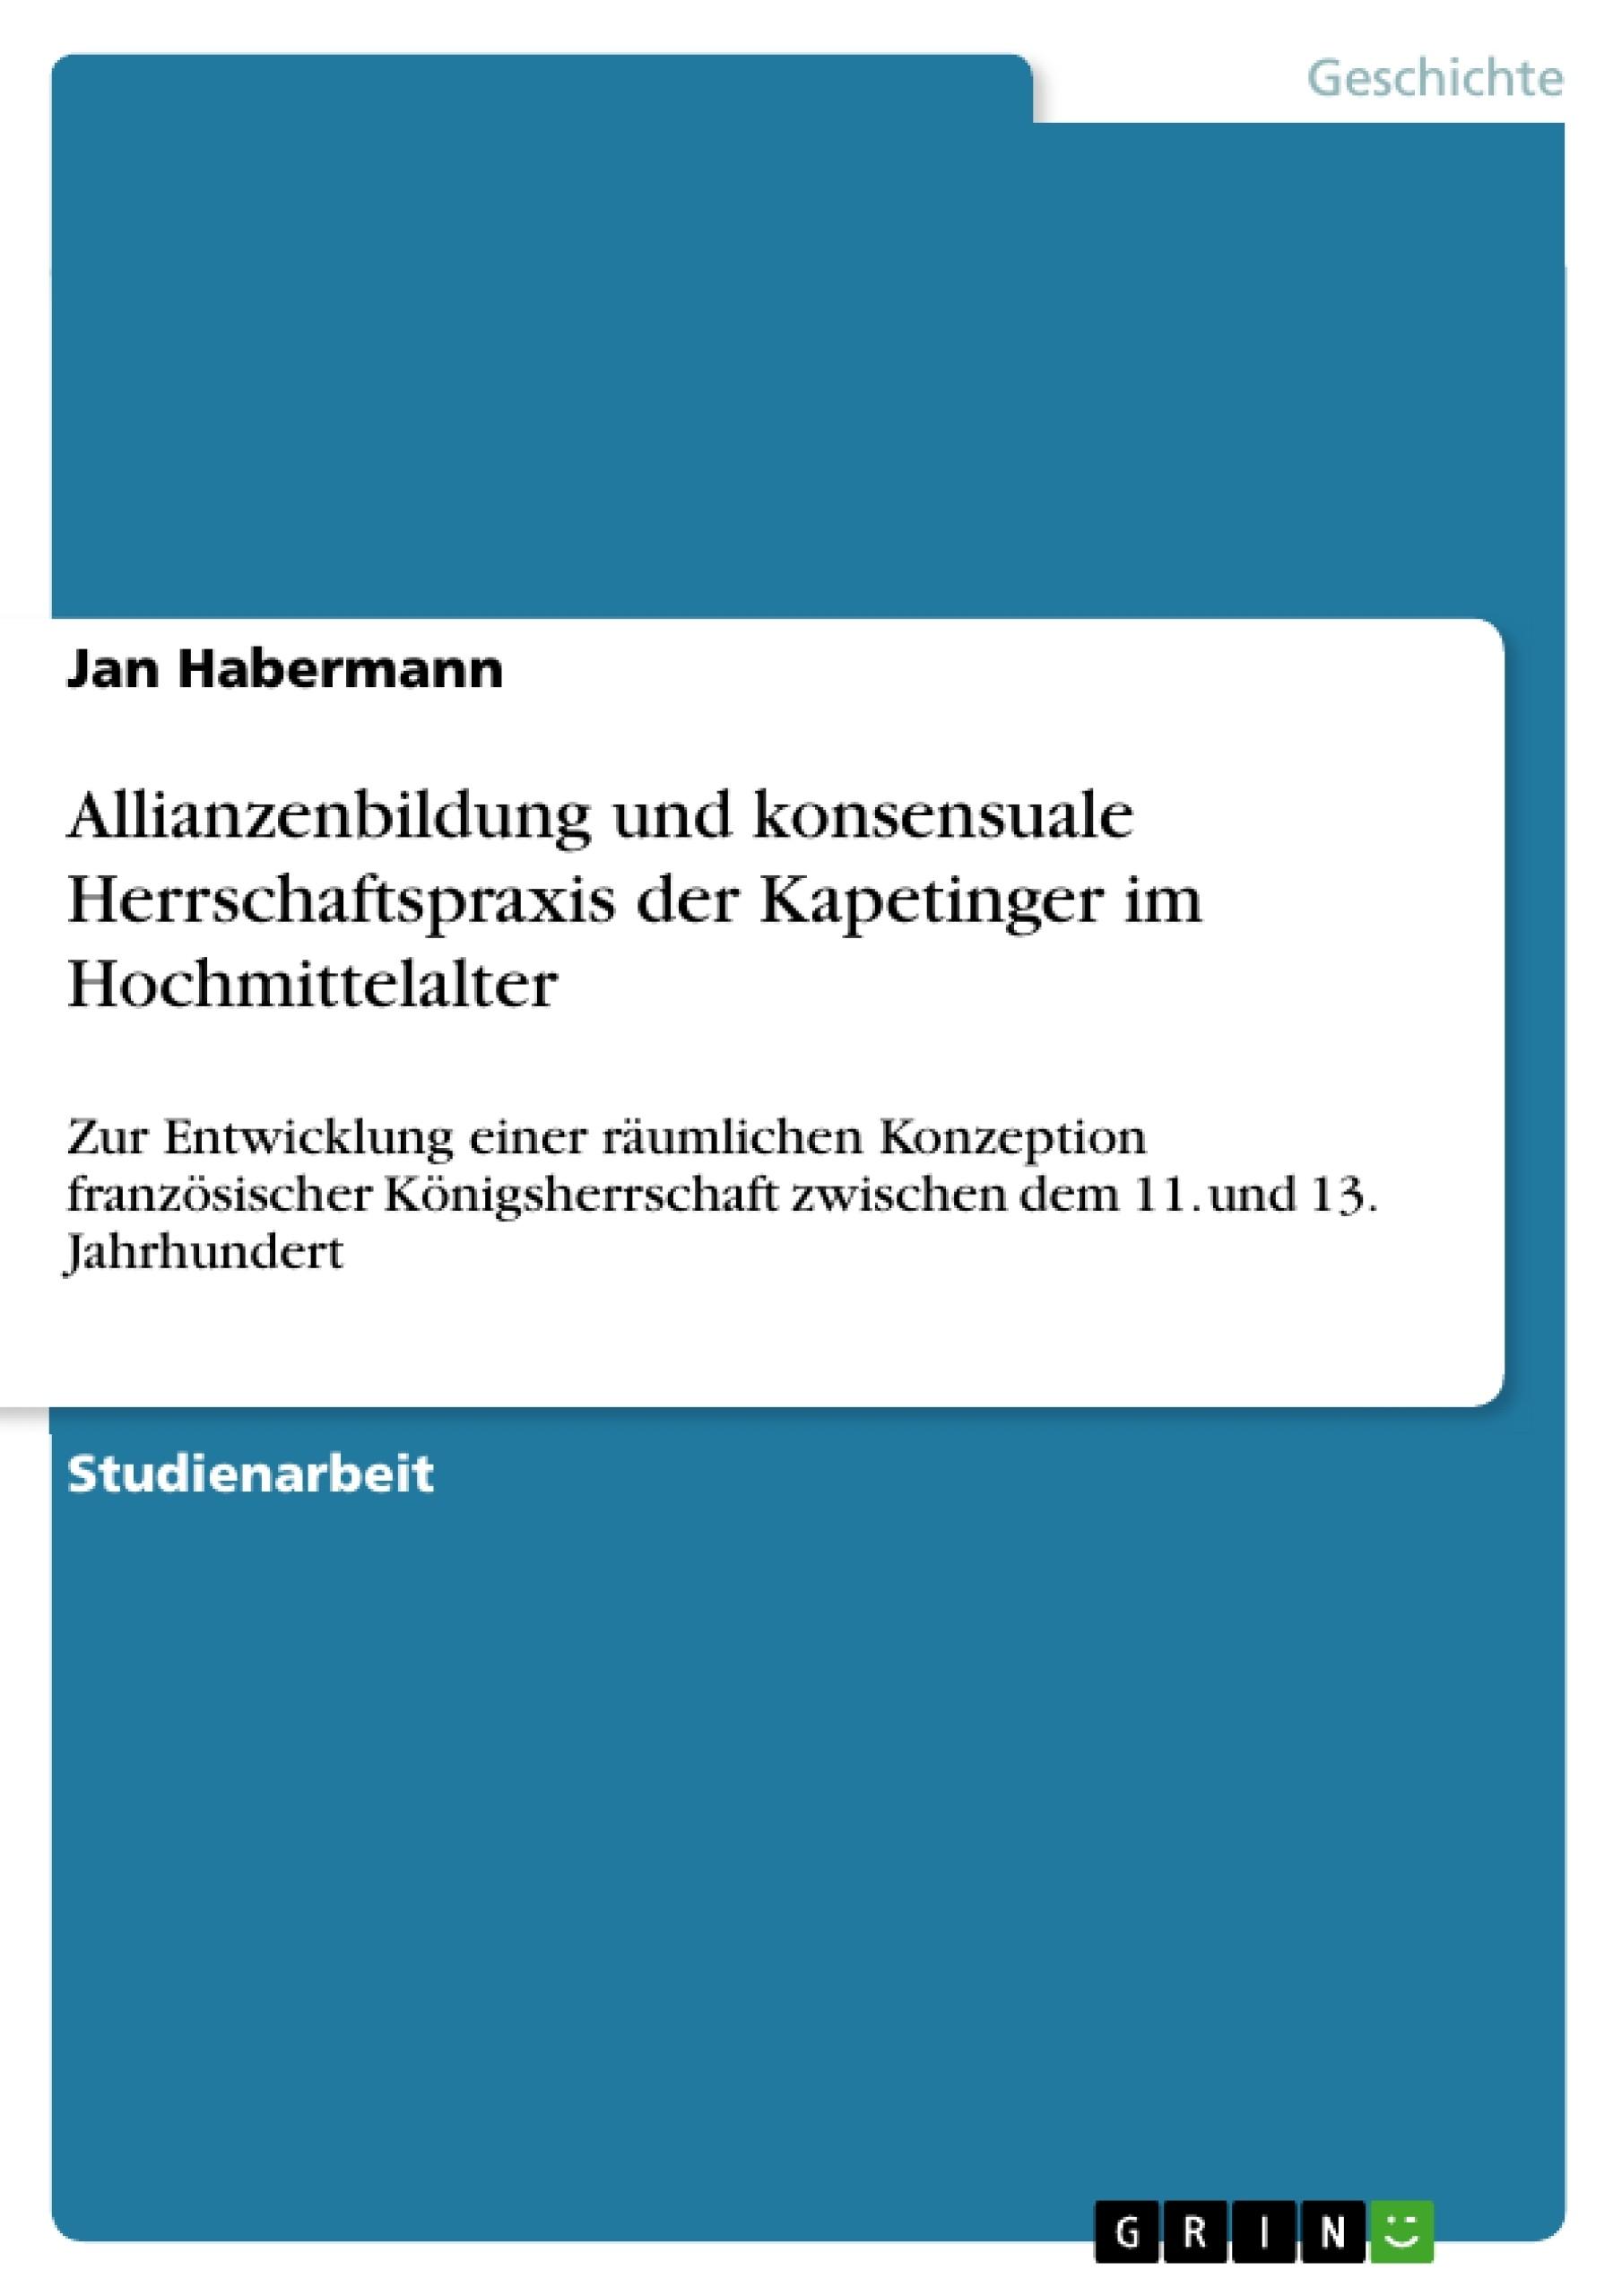 Titel: Allianzenbildung und konsensuale Herrschaftspraxis der Kapetinger im Hochmittelalter